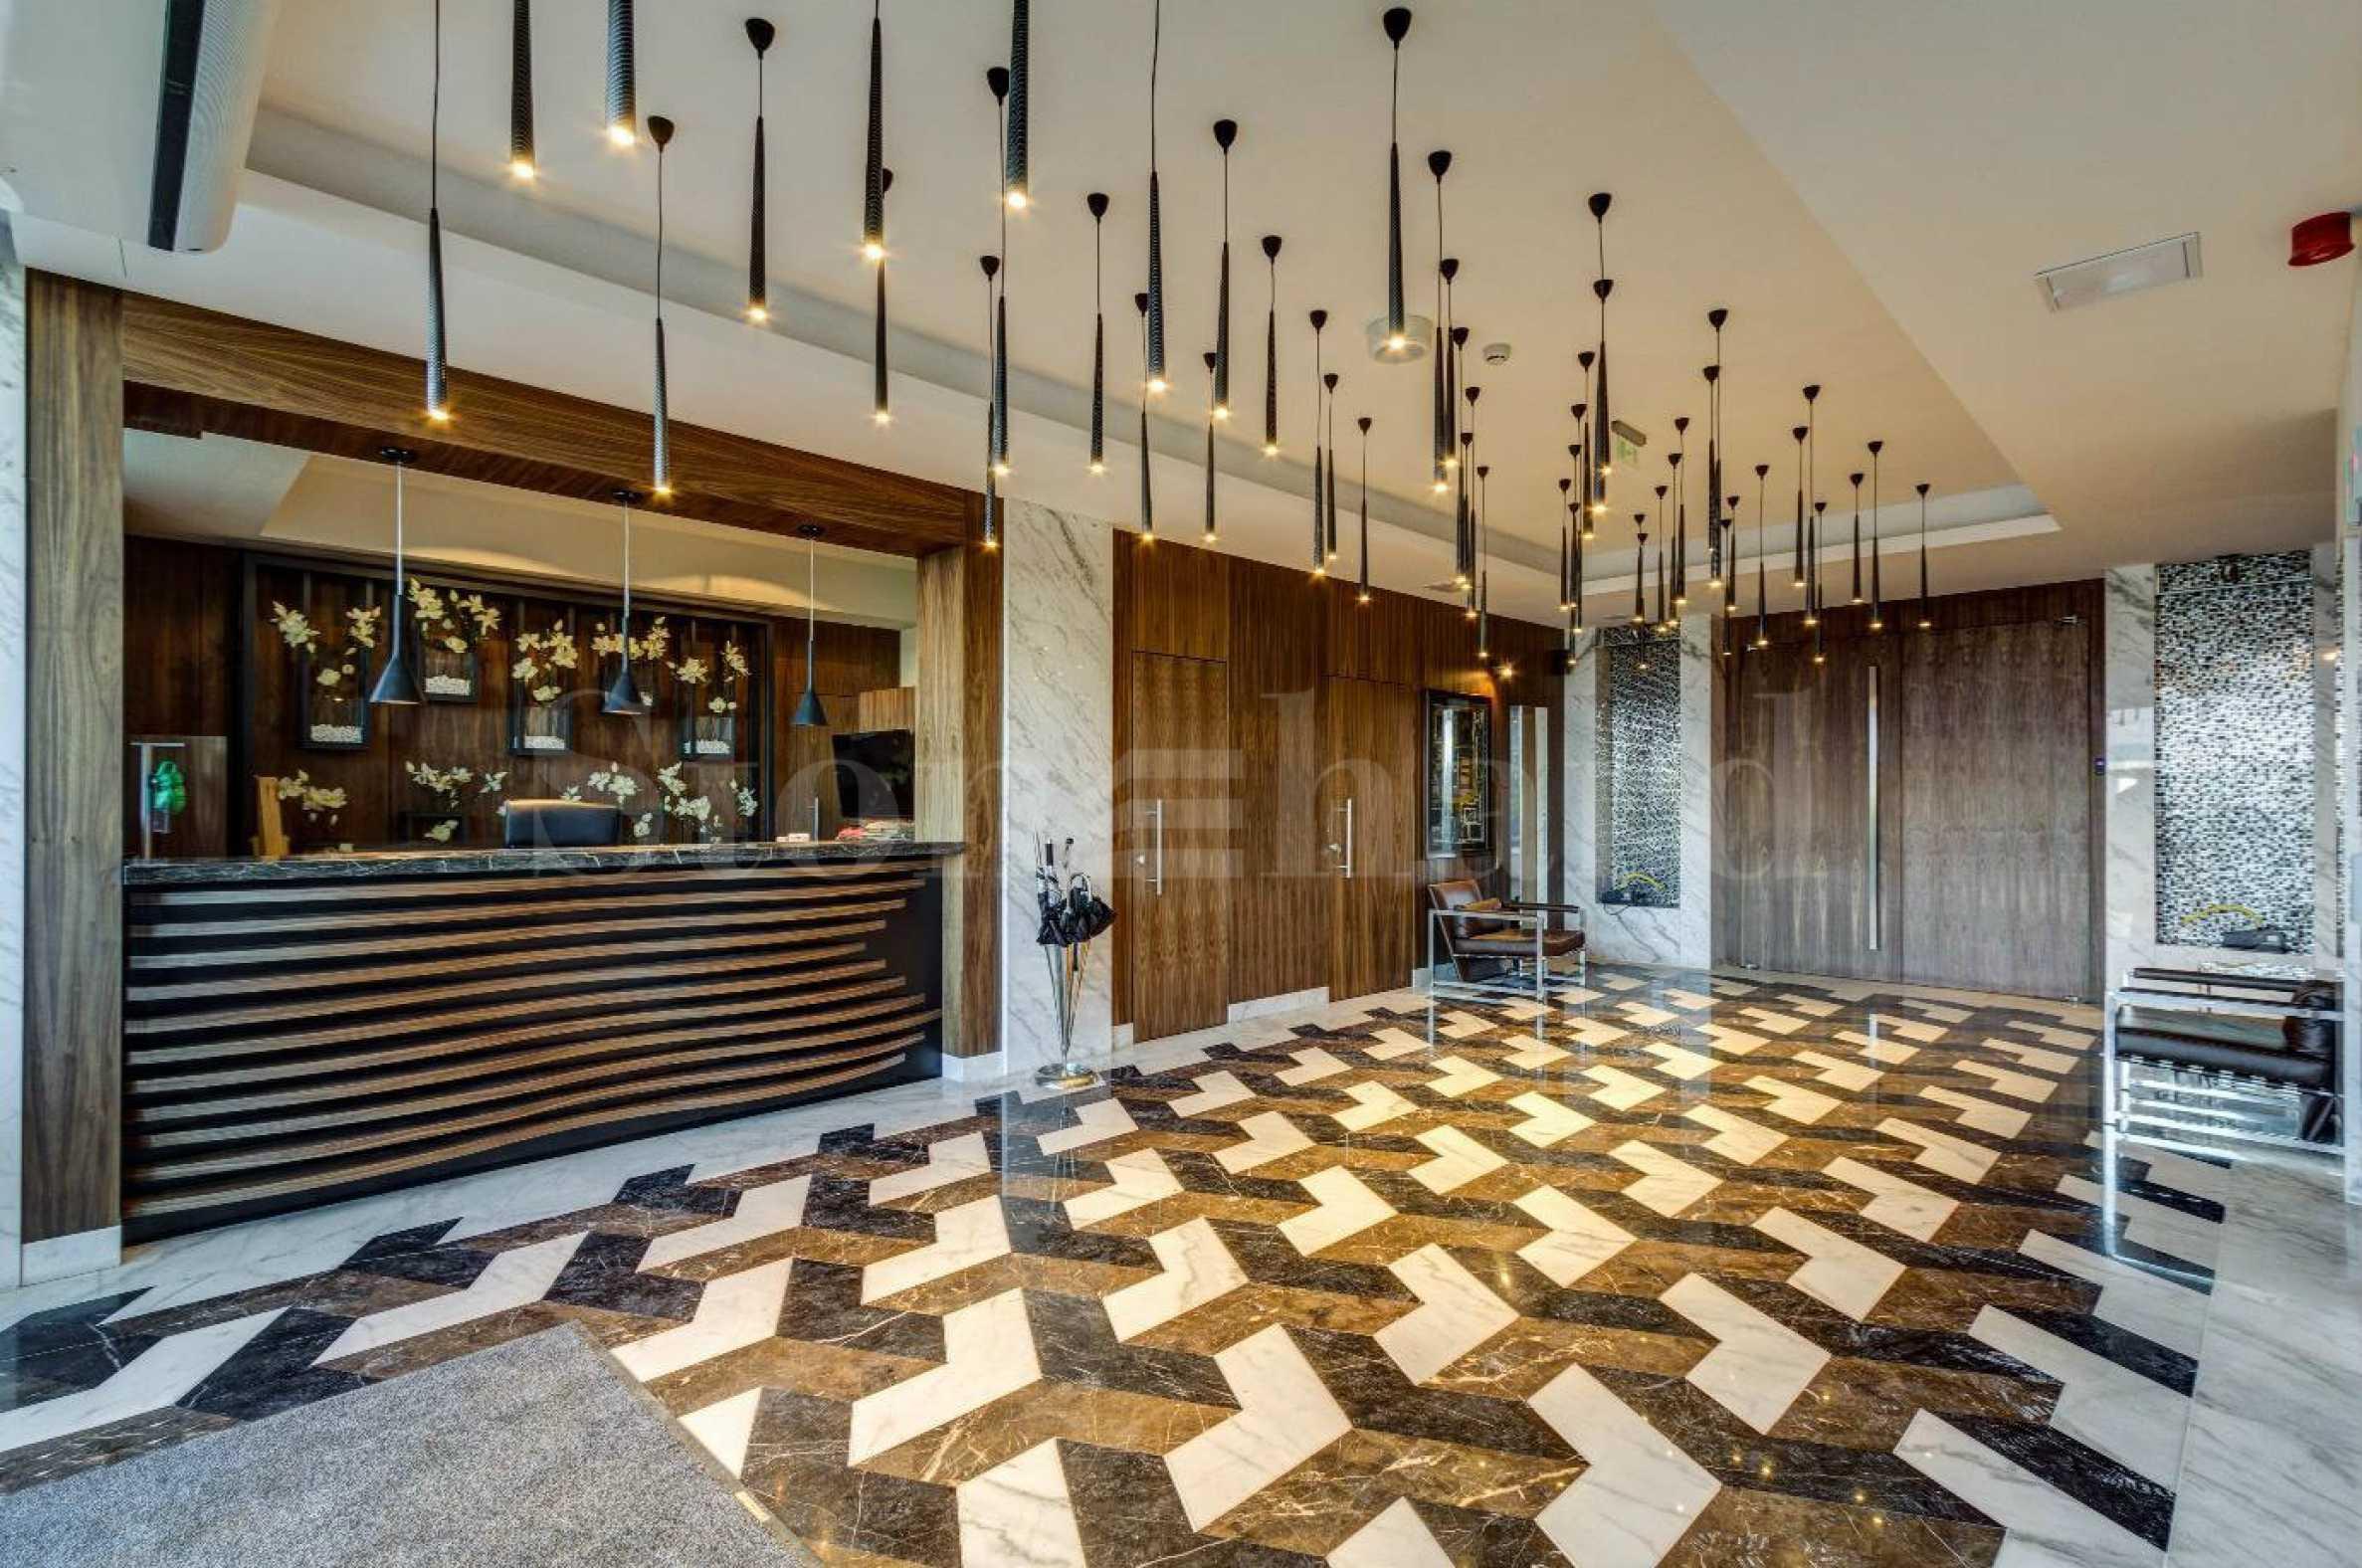 Сграда с апартаменти с впечатляващ дизайн и отлична локация 2 - Stonehard